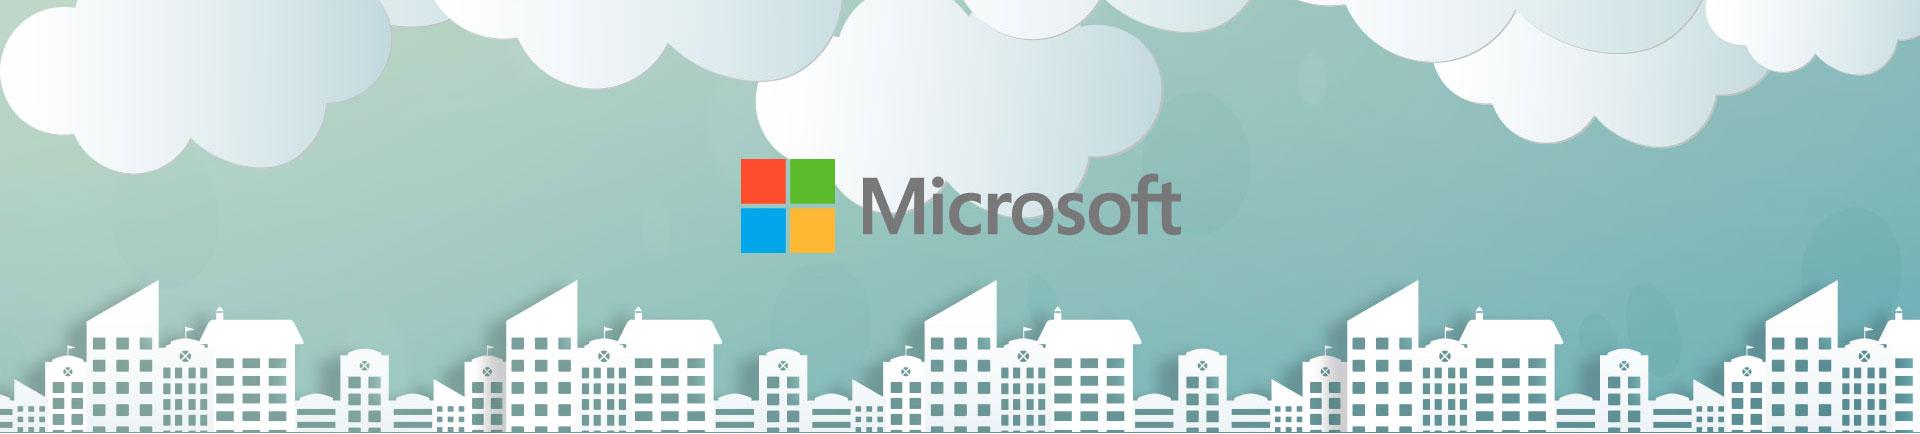 Resultado de imagen para Microsoftbanner png